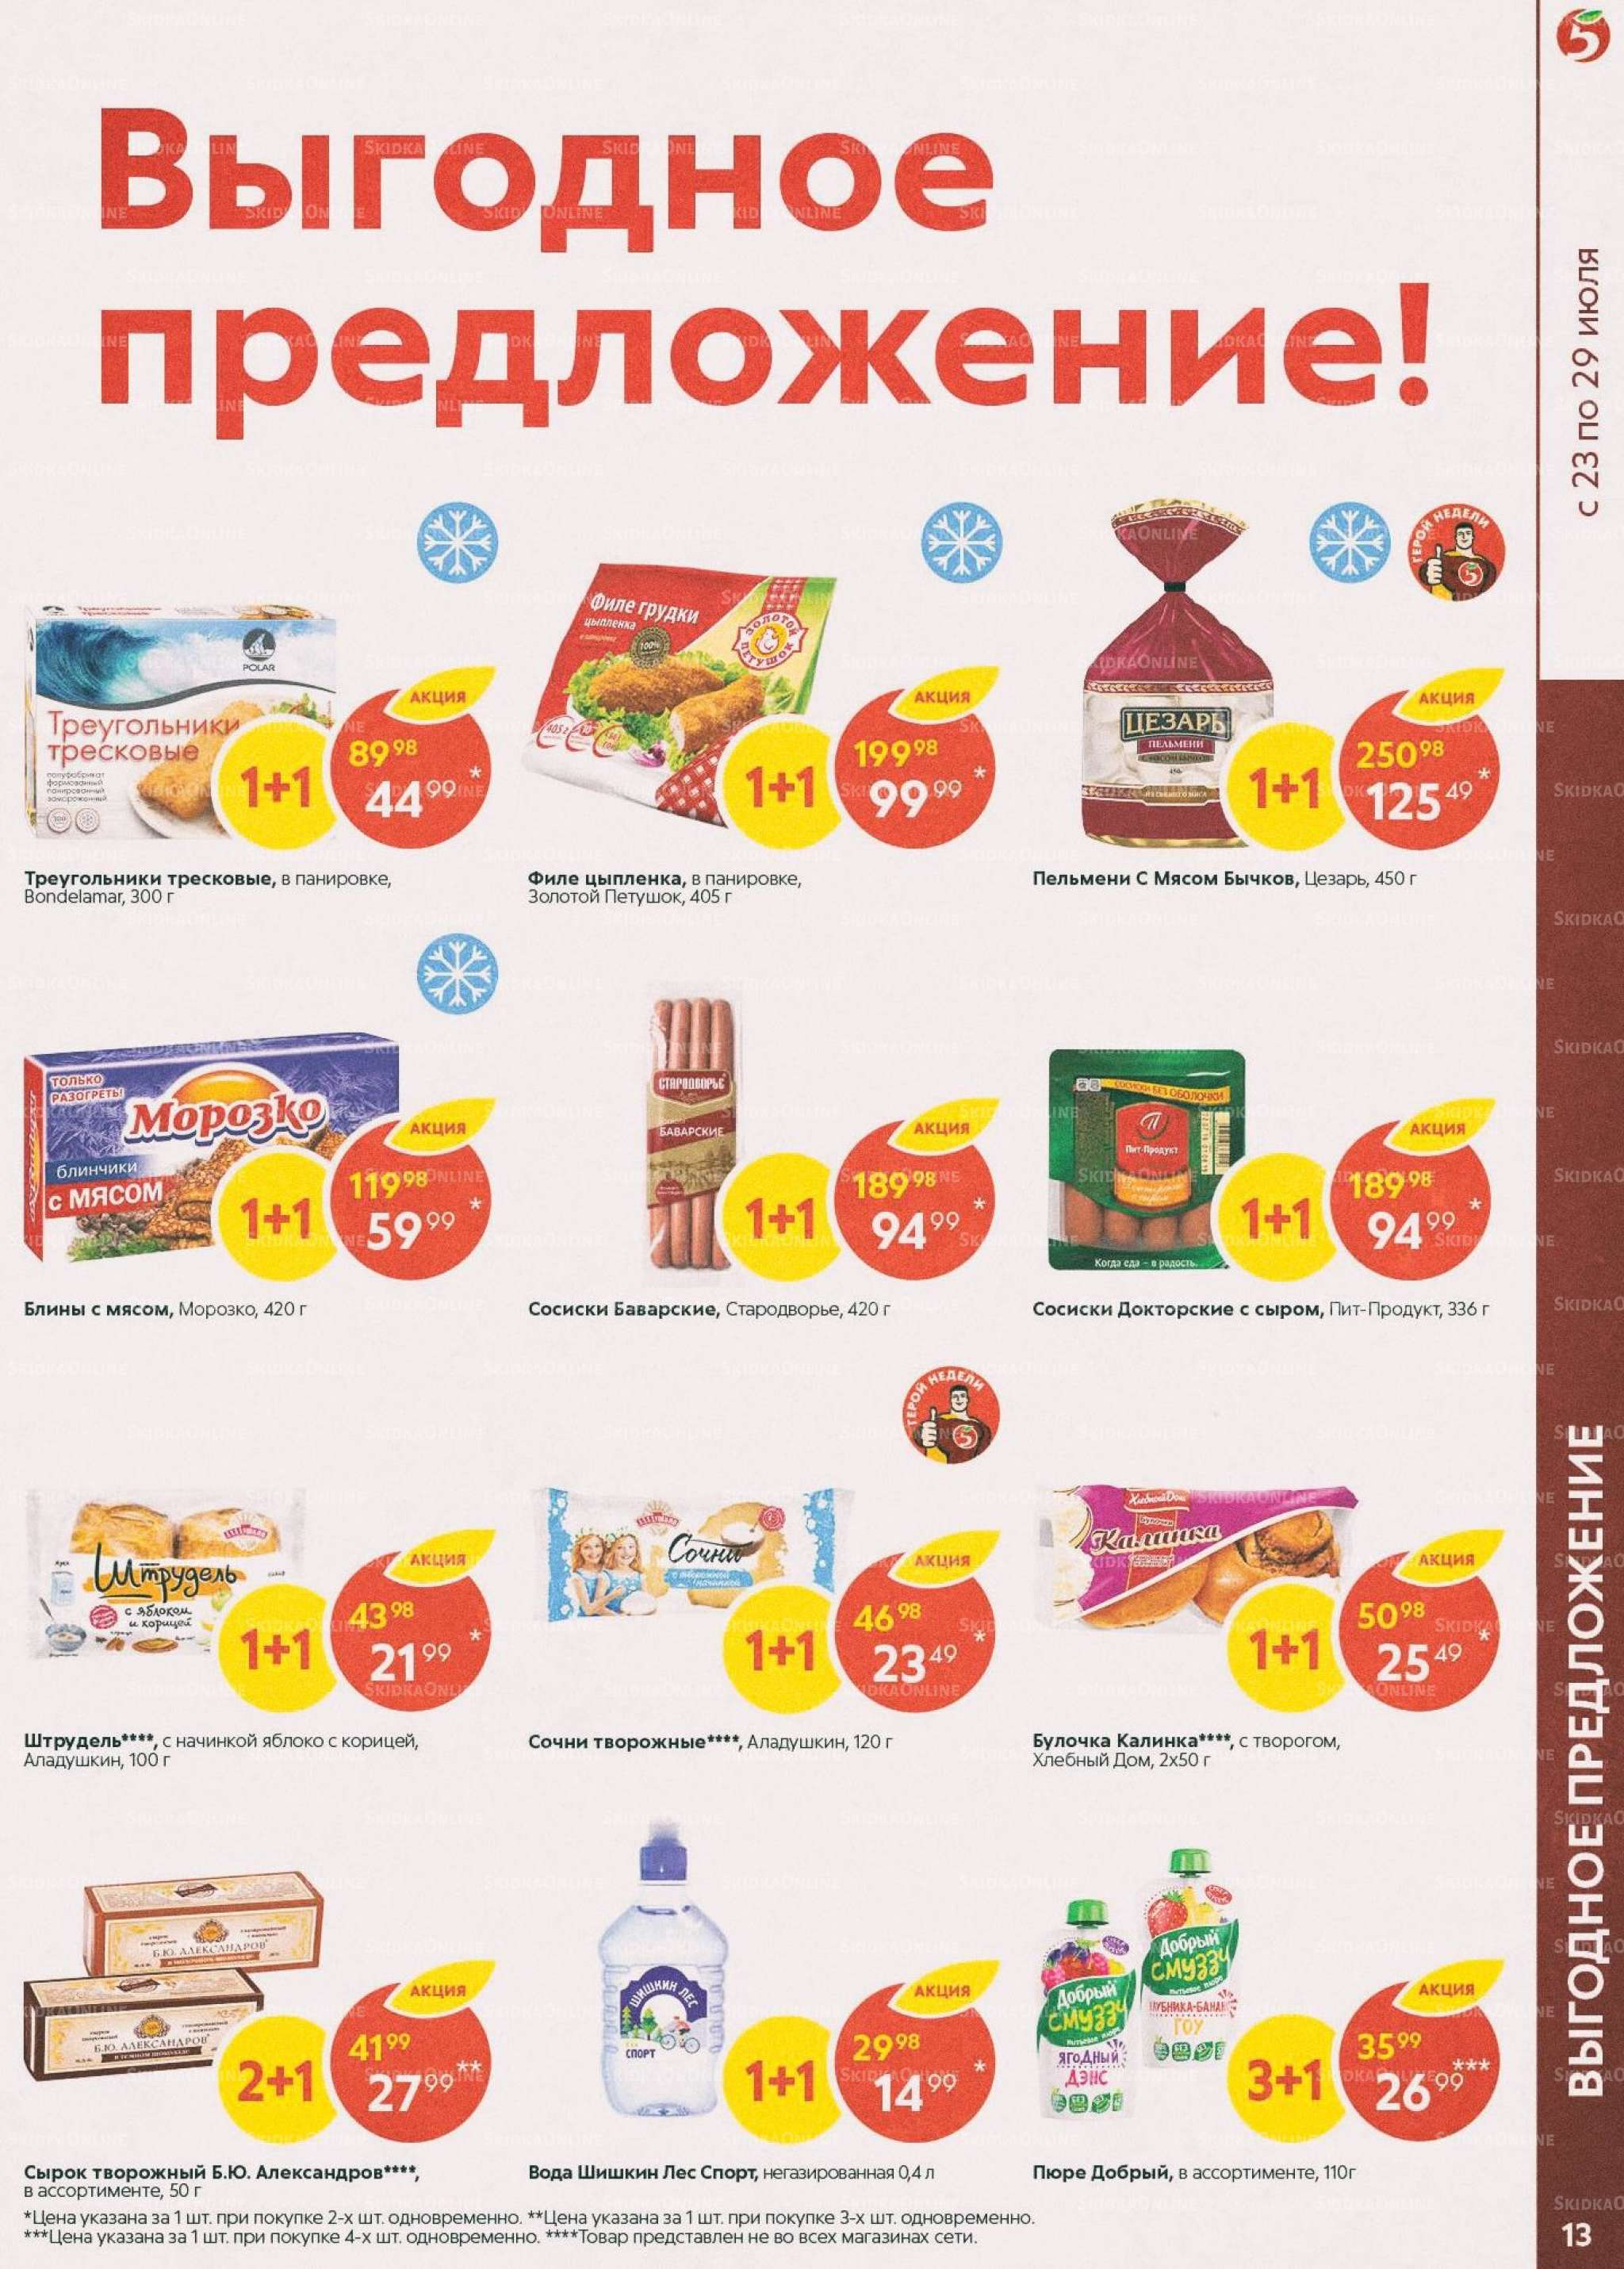 Акции в Пятёрочке с 23 по 29 июля 2019 года